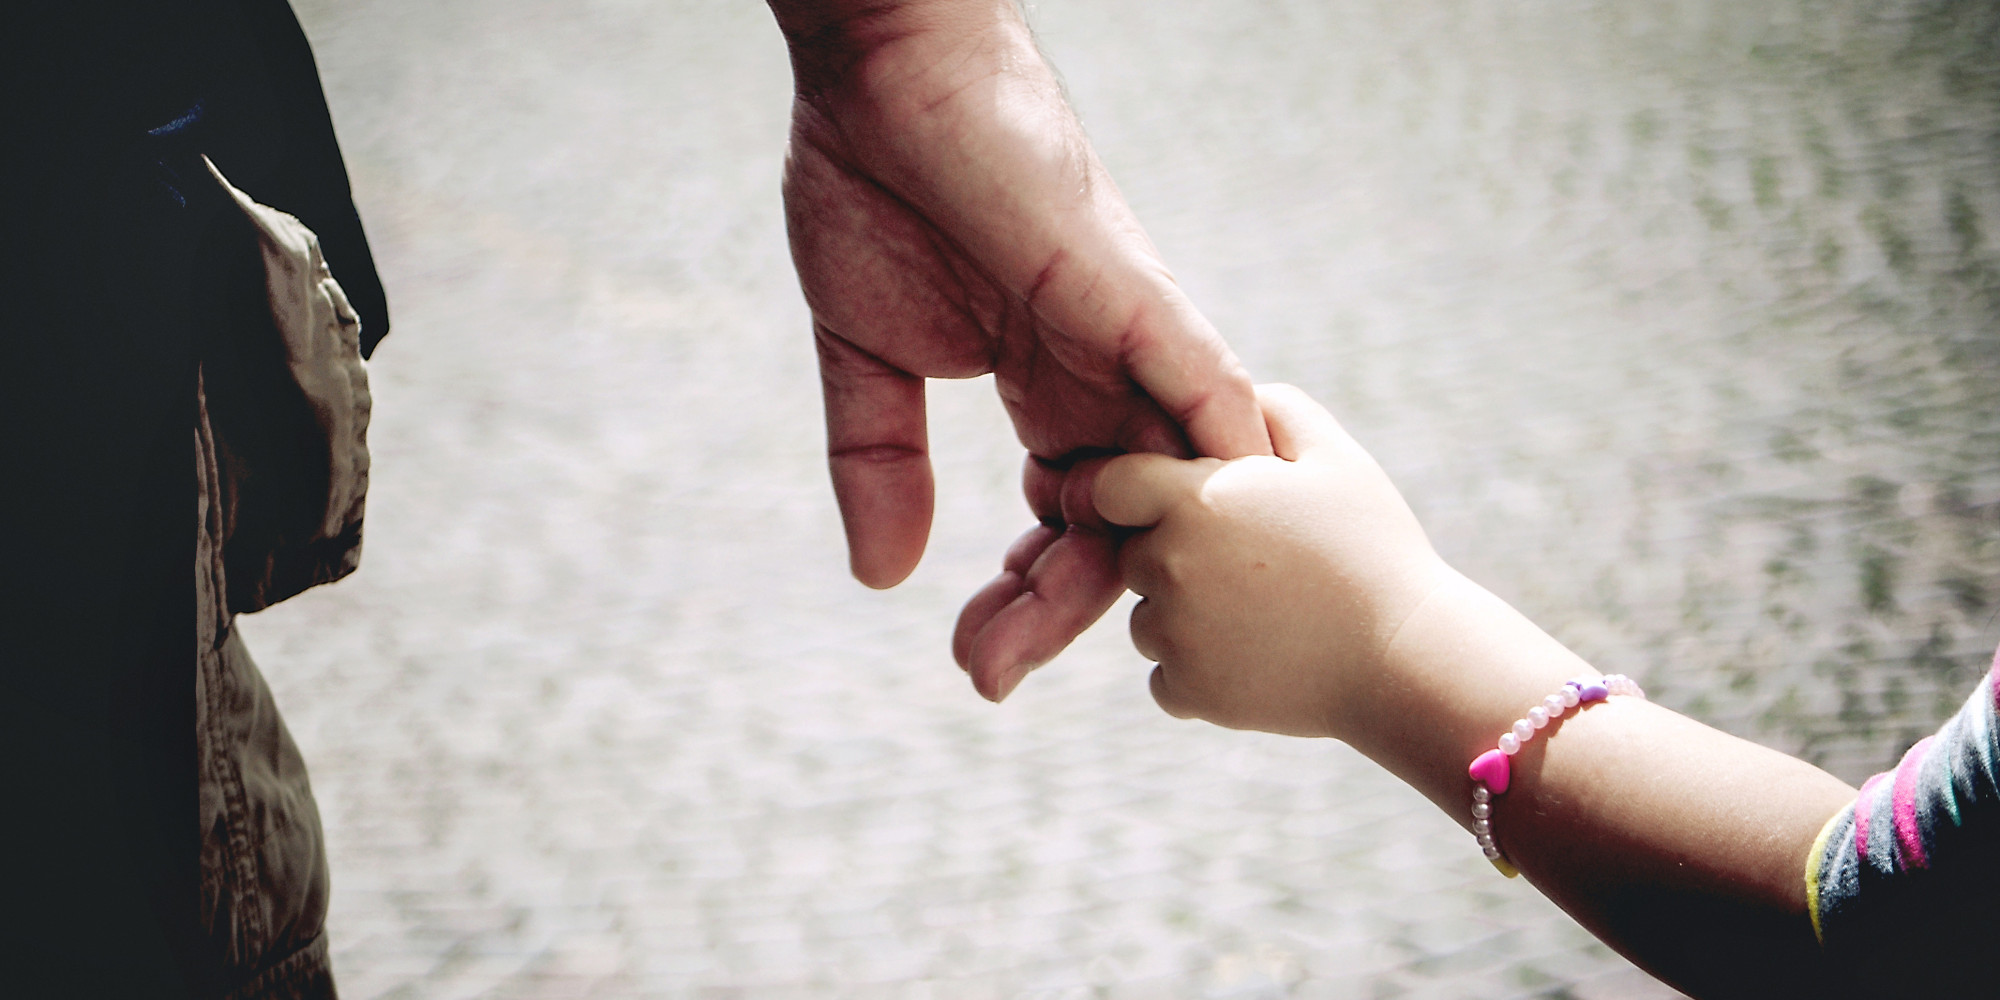 Μπαμπα, μου λείπεις... πολύ!